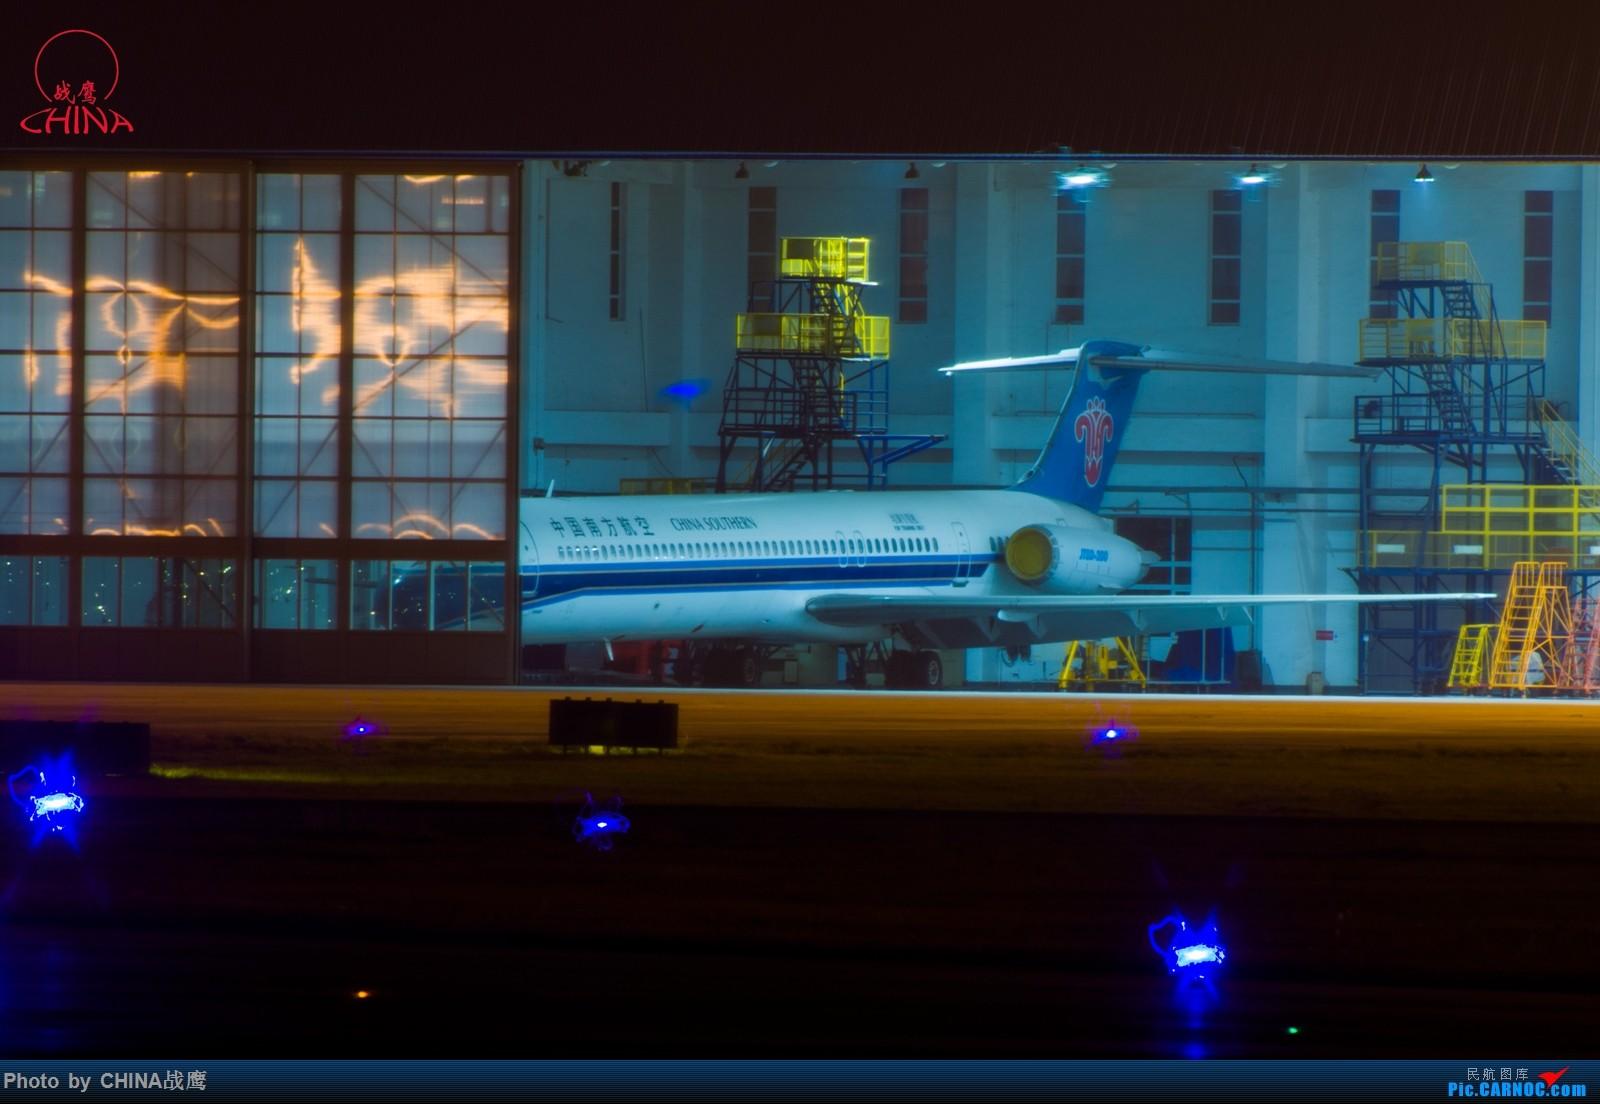 Re:[原创]【SHE】第三季度桃仙拍飞机集锦 MD-82 B-2130 中国沈阳桃仙国际机场